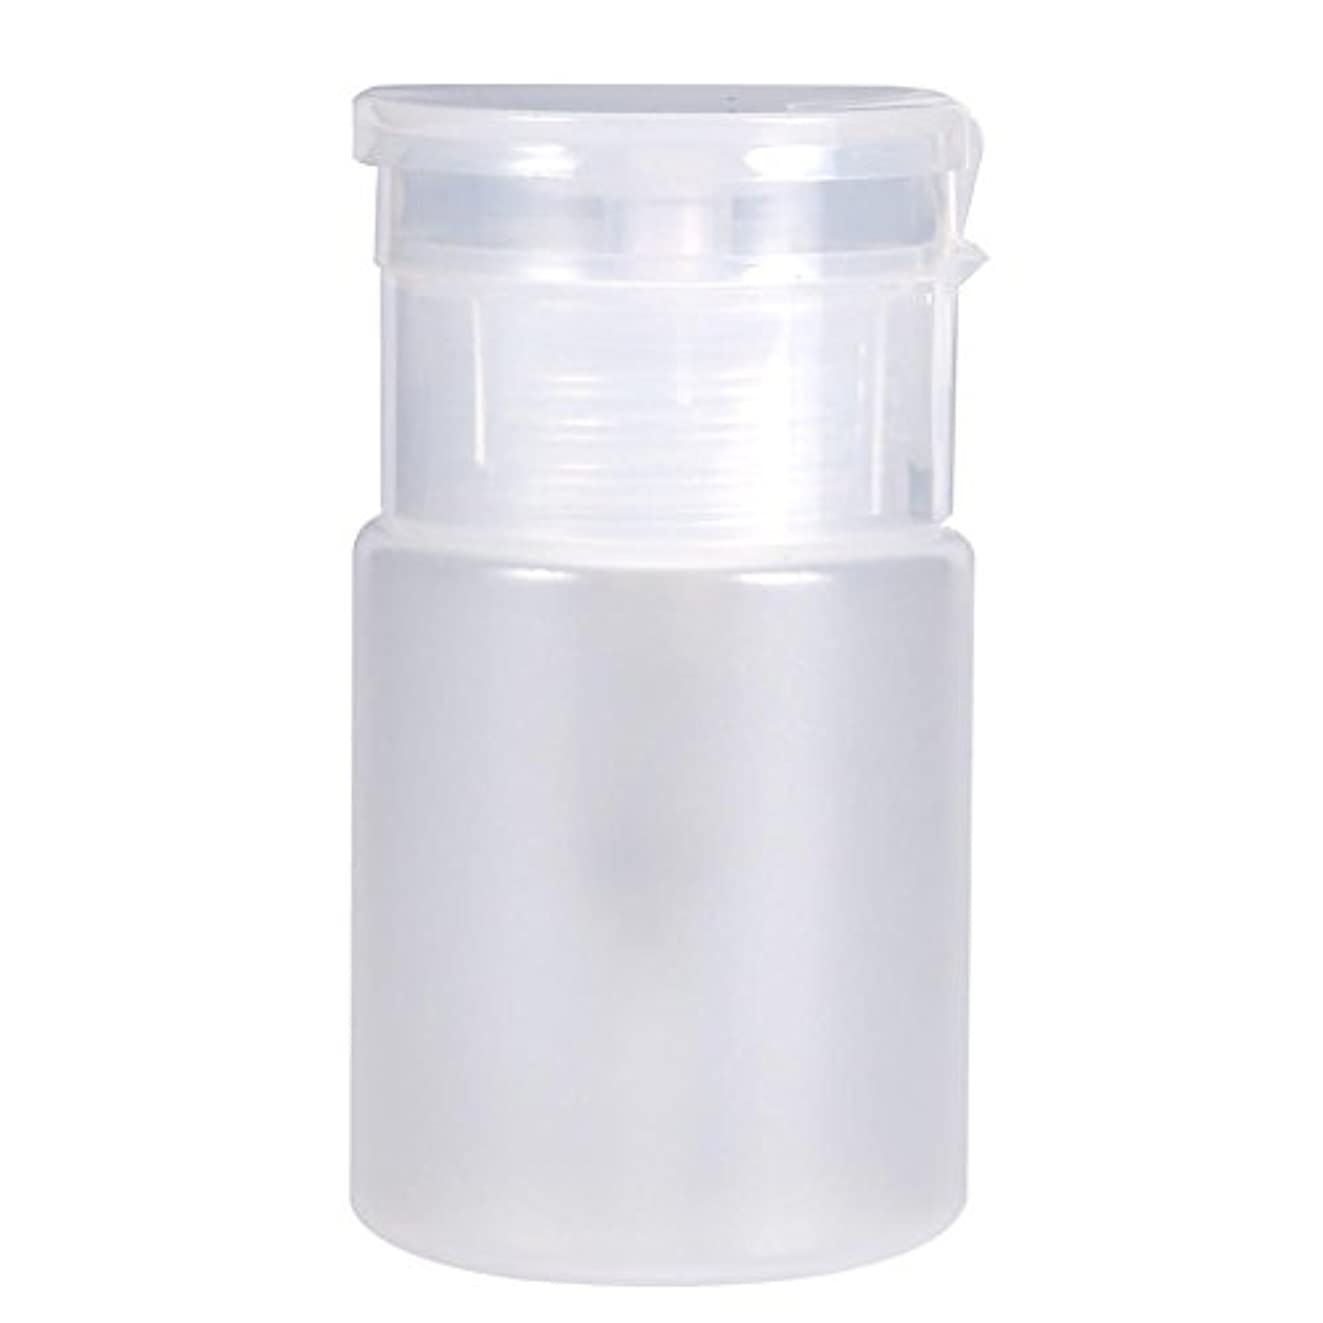 トマト奨励責任者60 mlマニキュアリムーバーポンプディスペンサー、ピンクまたはクリアトッププラスチックボトルプッシュダウンディスペンサー、マニキュアリムーバーリキッドクレンザー用詰め替え可能なメイク旅行ボトル(白い)